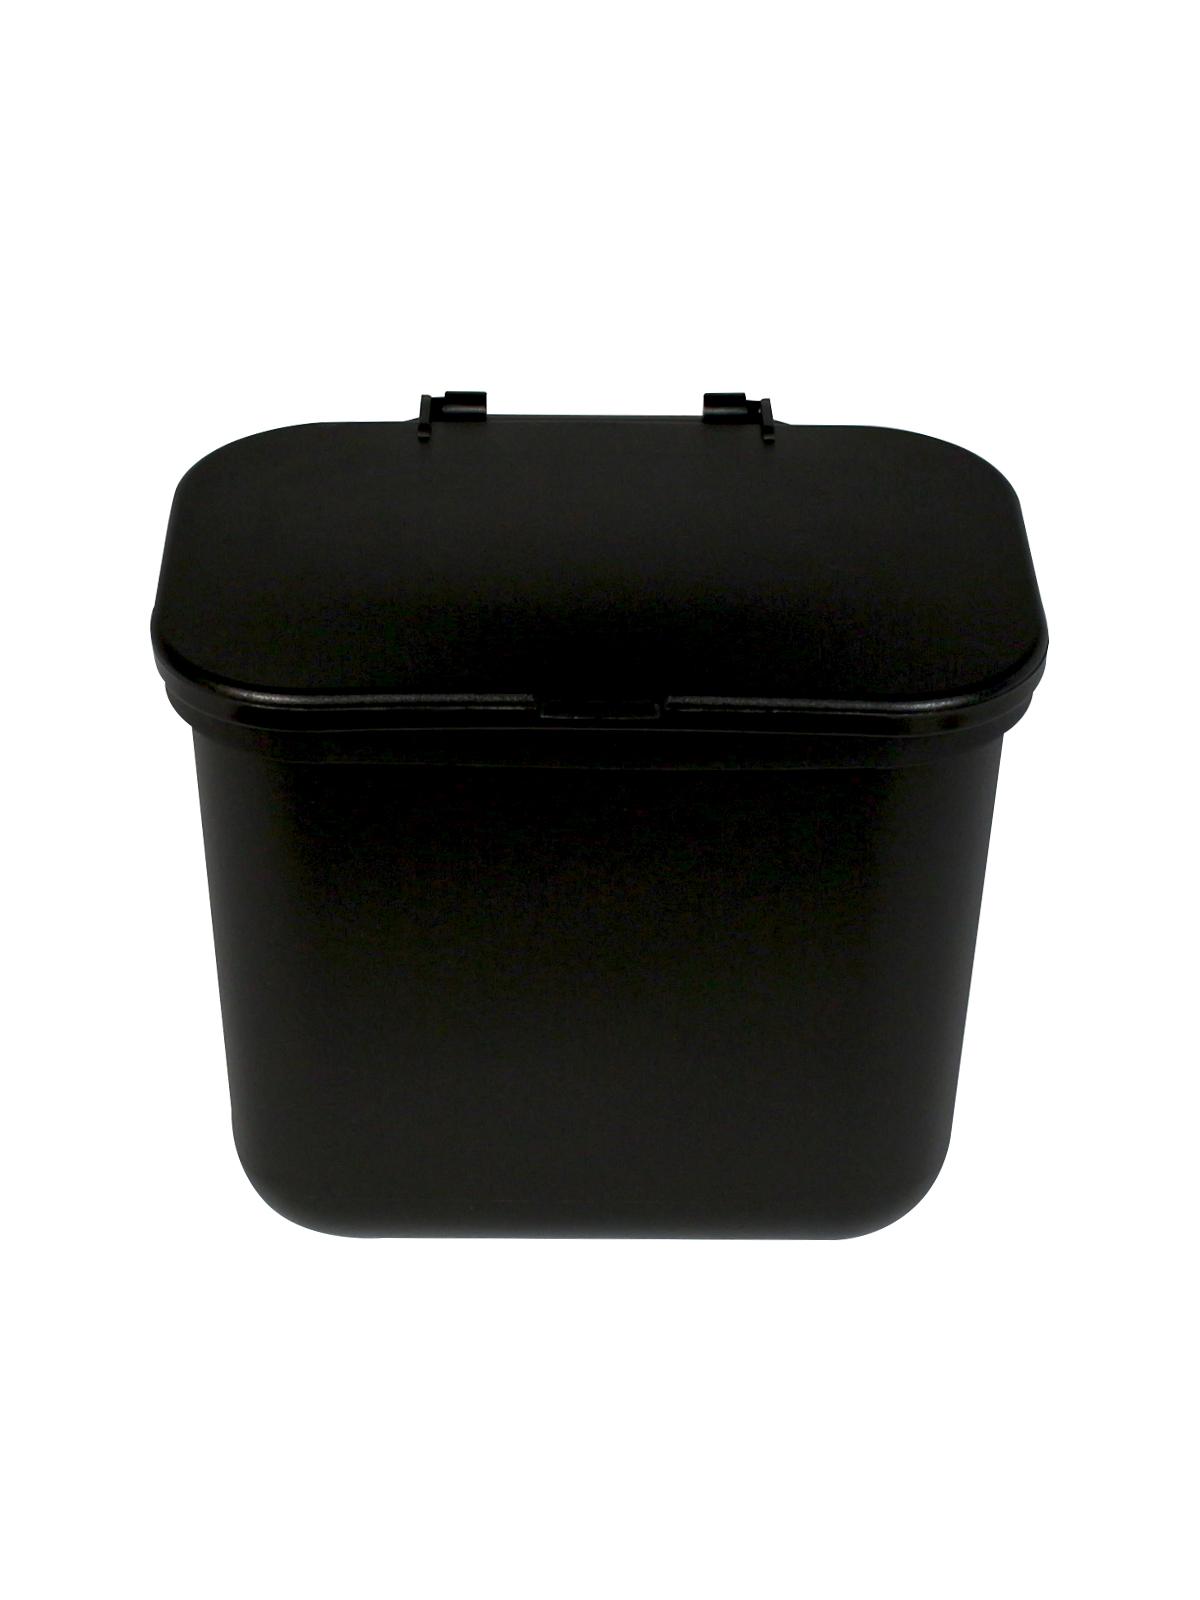 HANGING WASTE BASKET - Single - Solid Lift - Black